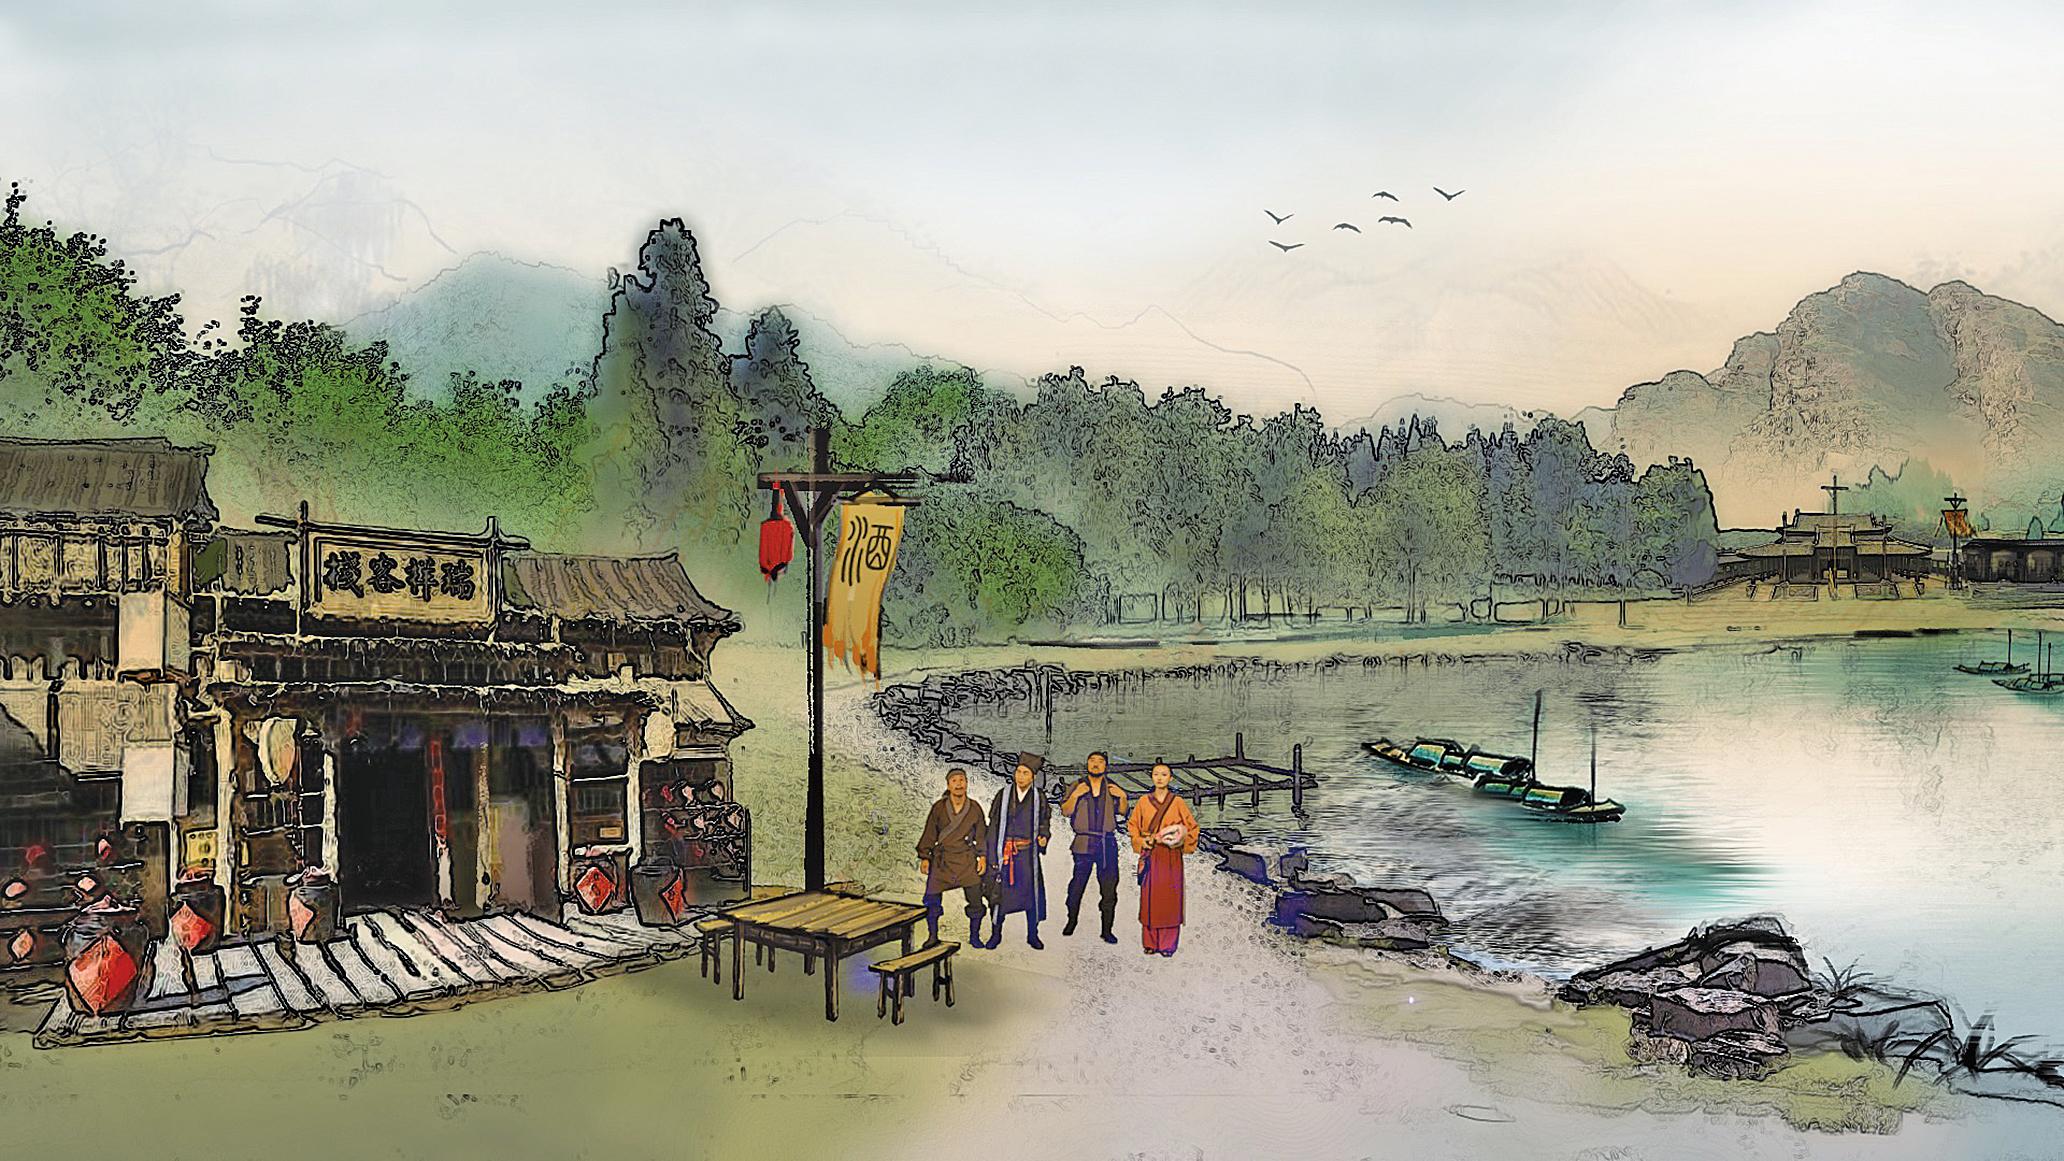 由加拿大新境界影視公司和新唐人電視台聯合製作的大型系列穿越劇《雷人水滸》劇照(新唐人電視台提供)